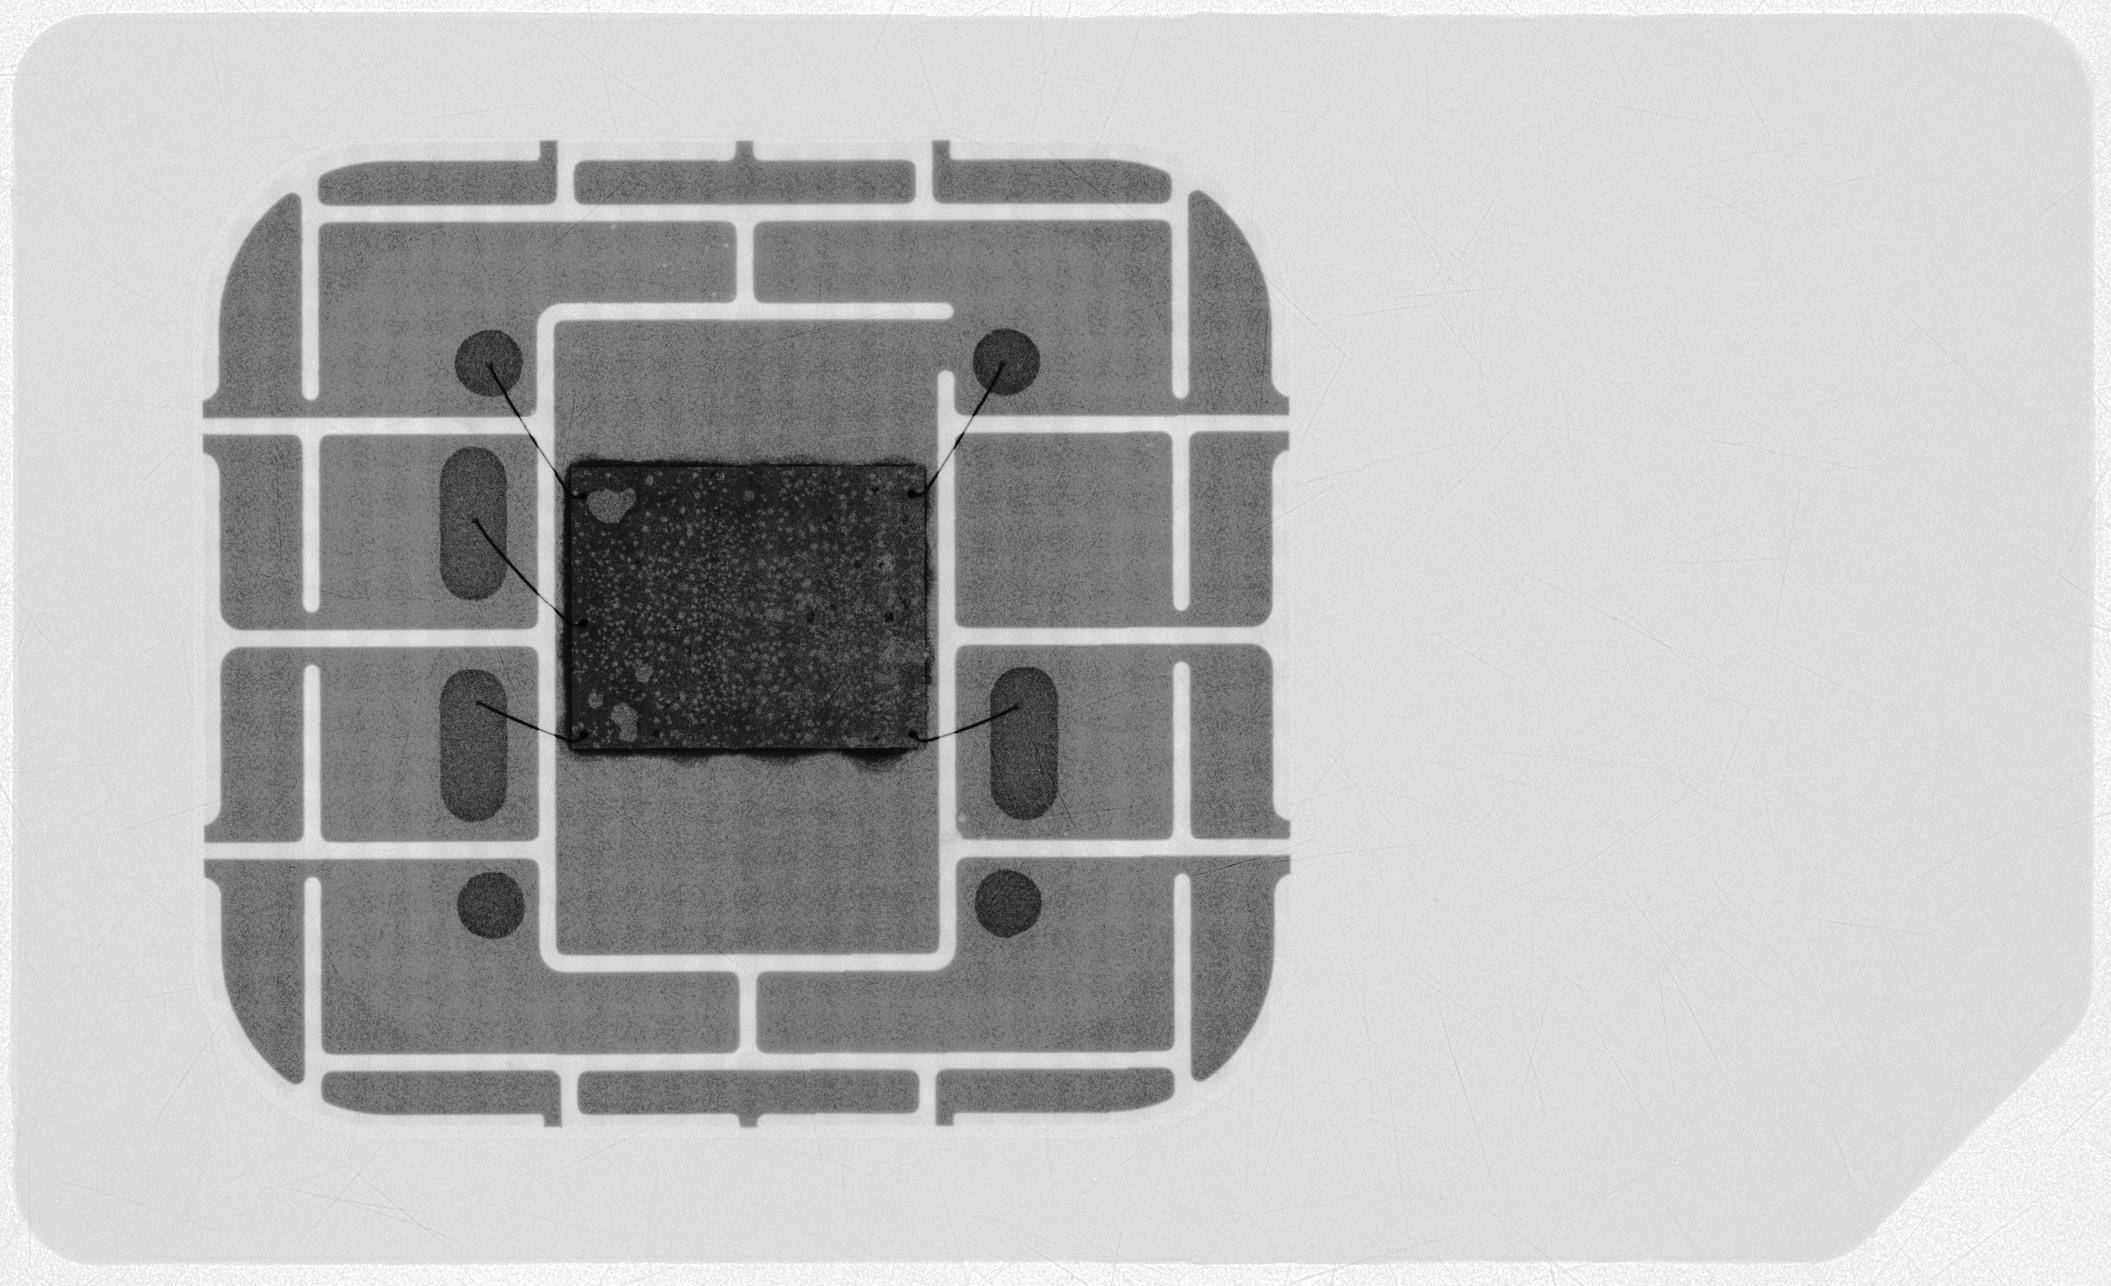 SIM-Card_X-ray_contrast.jpg